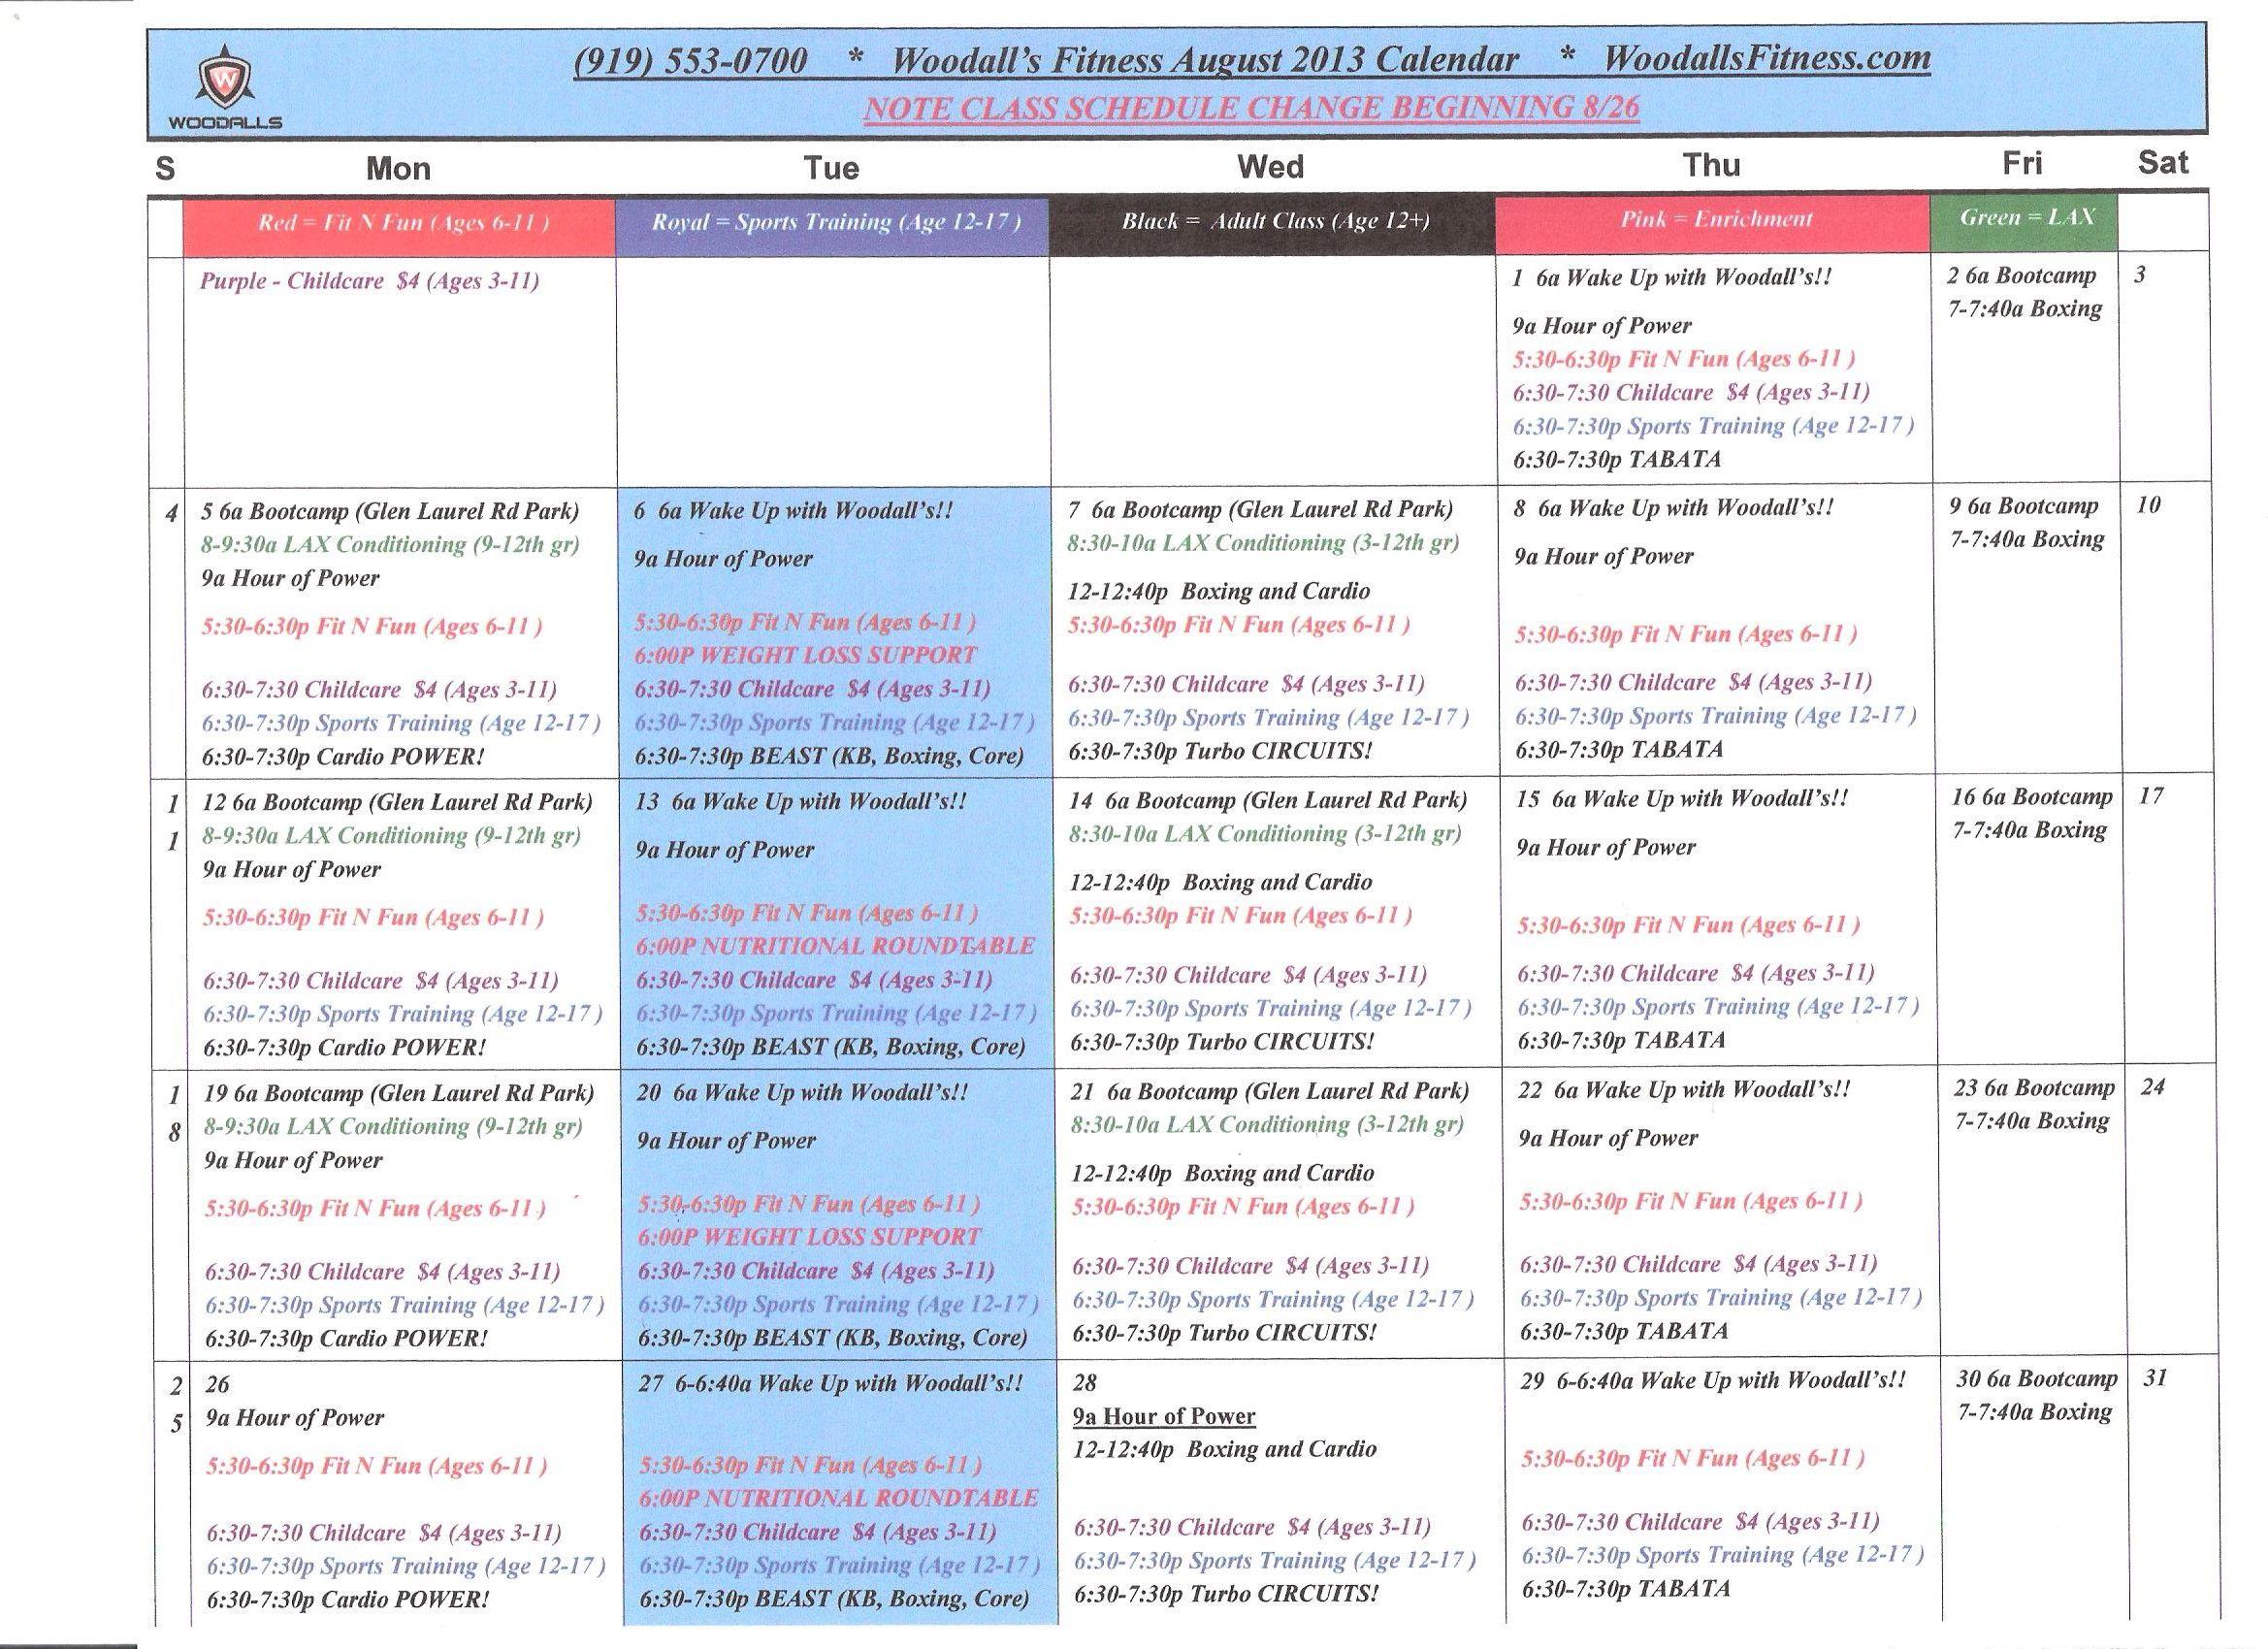 August 2013 Calendar Woodallsfitness August Calendar C Note